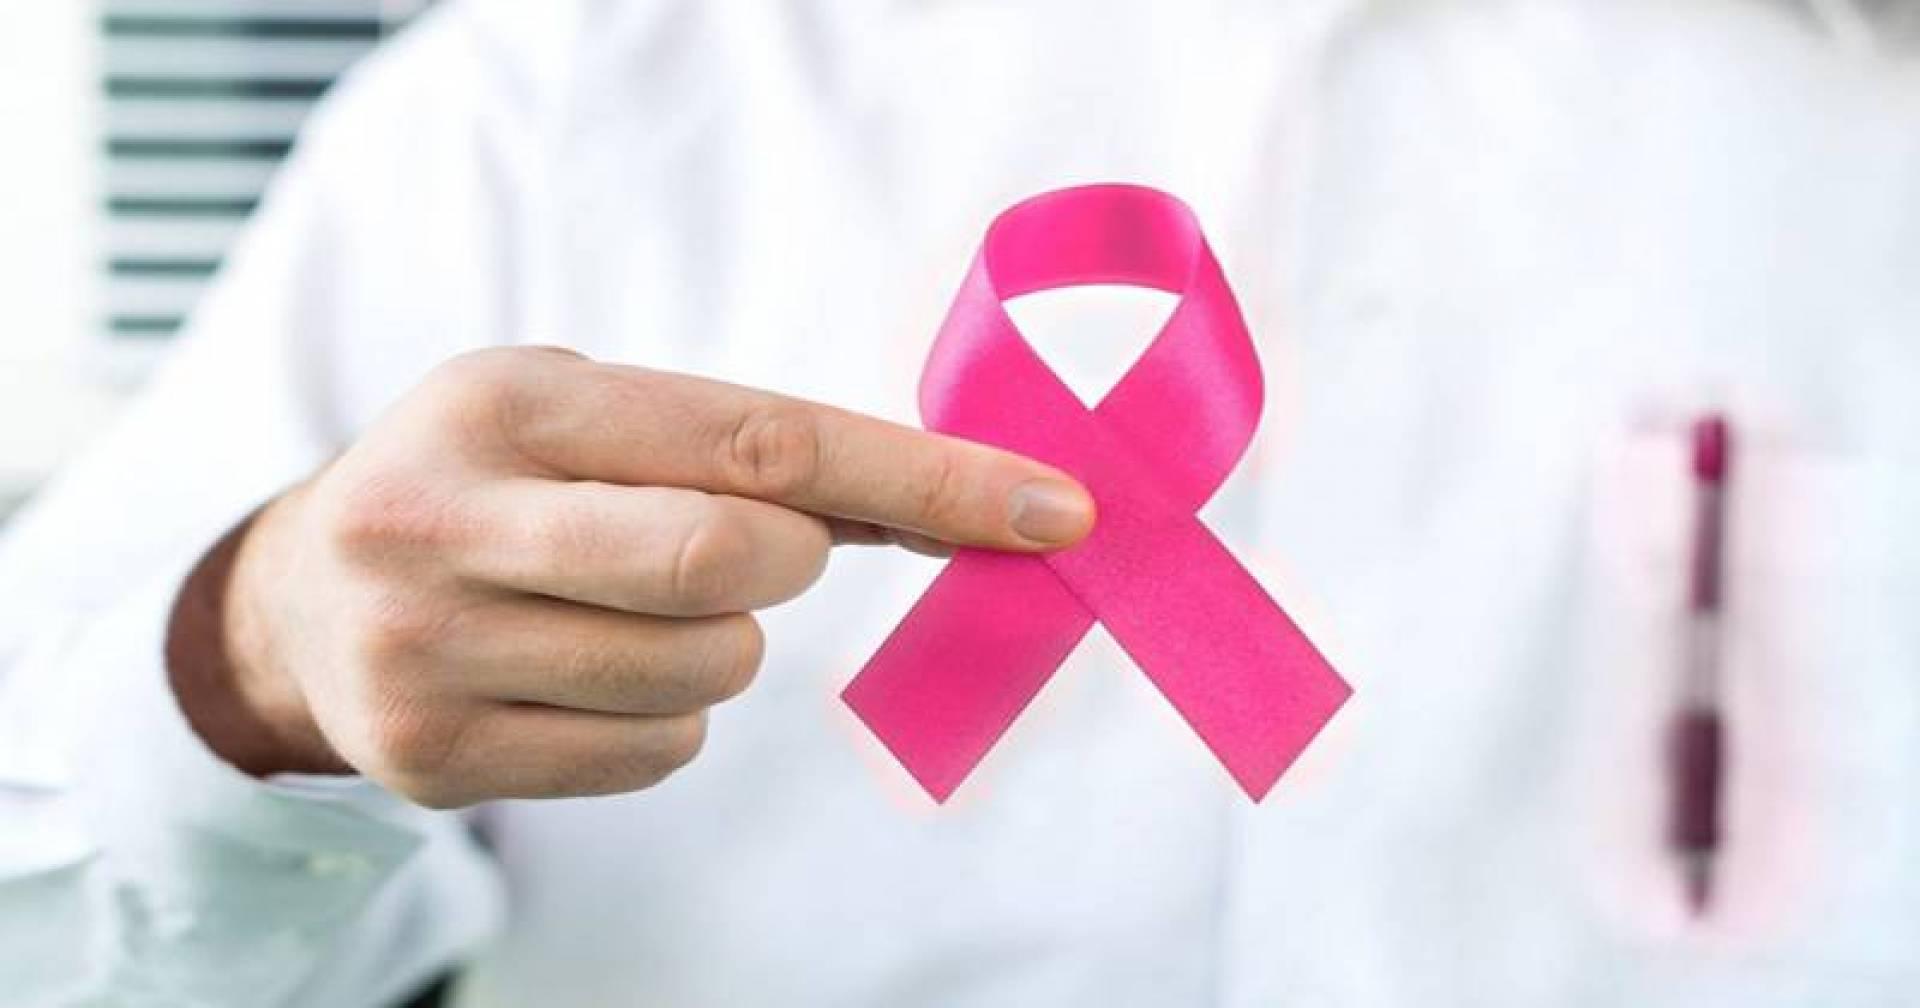 14 عرضاً تُتجاهل.. وتعتبر مؤشرات سرطانية خطيرة